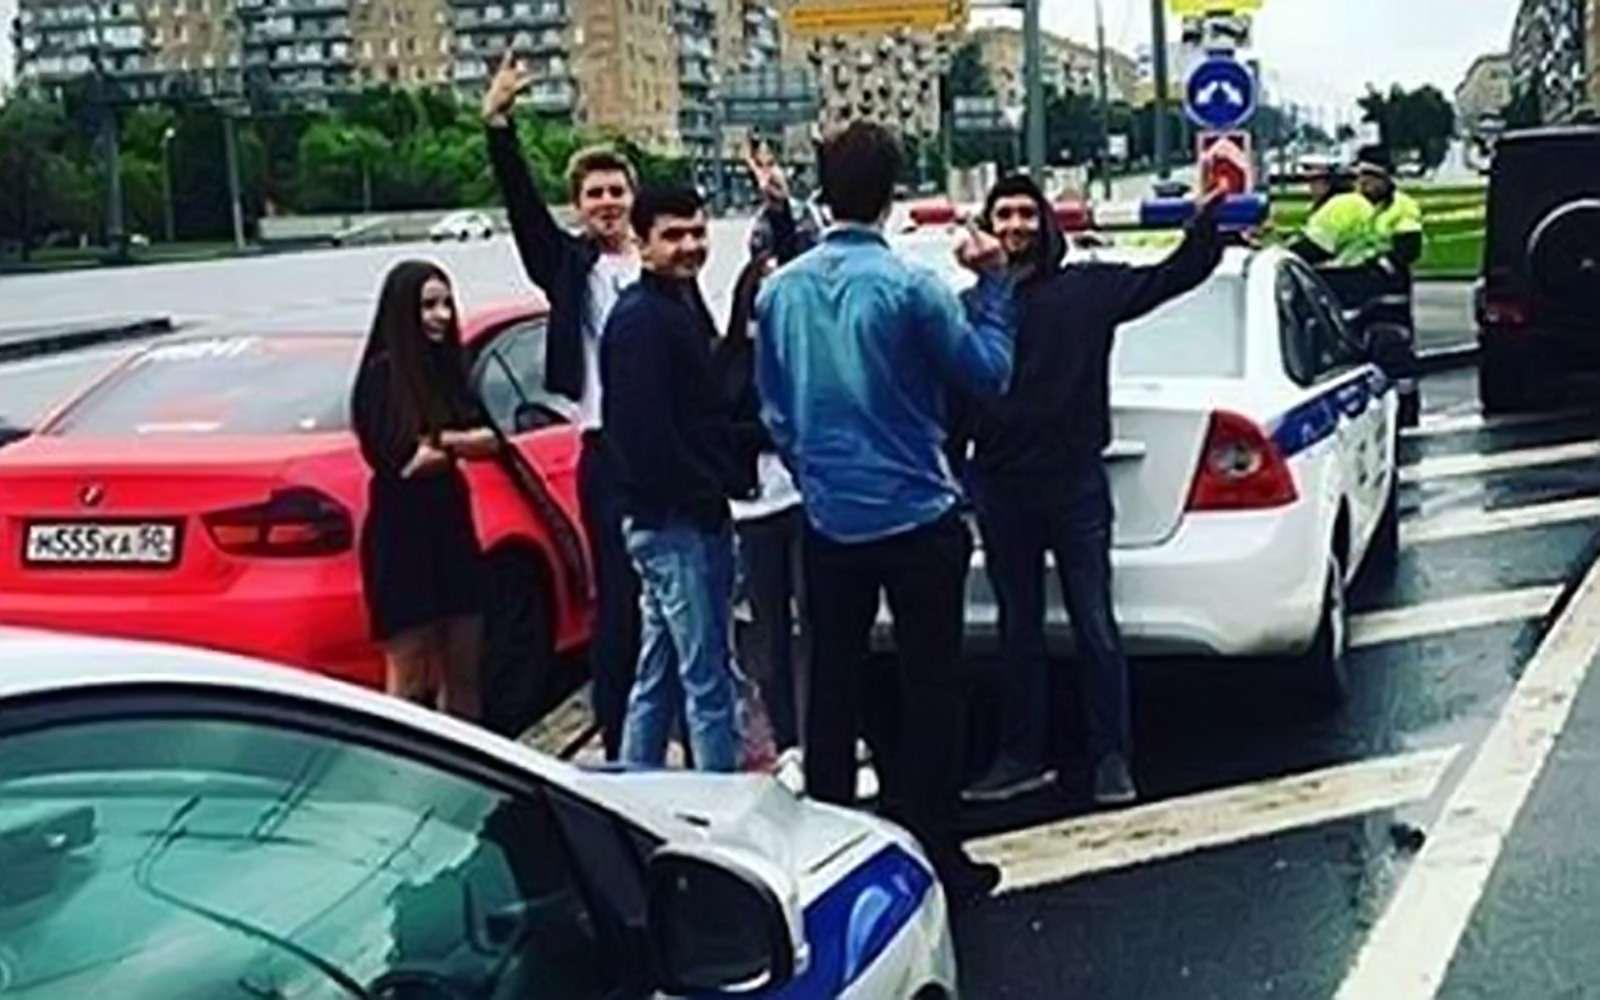 ВМоскве случайно задержали участника «гонки наГелендвагене»